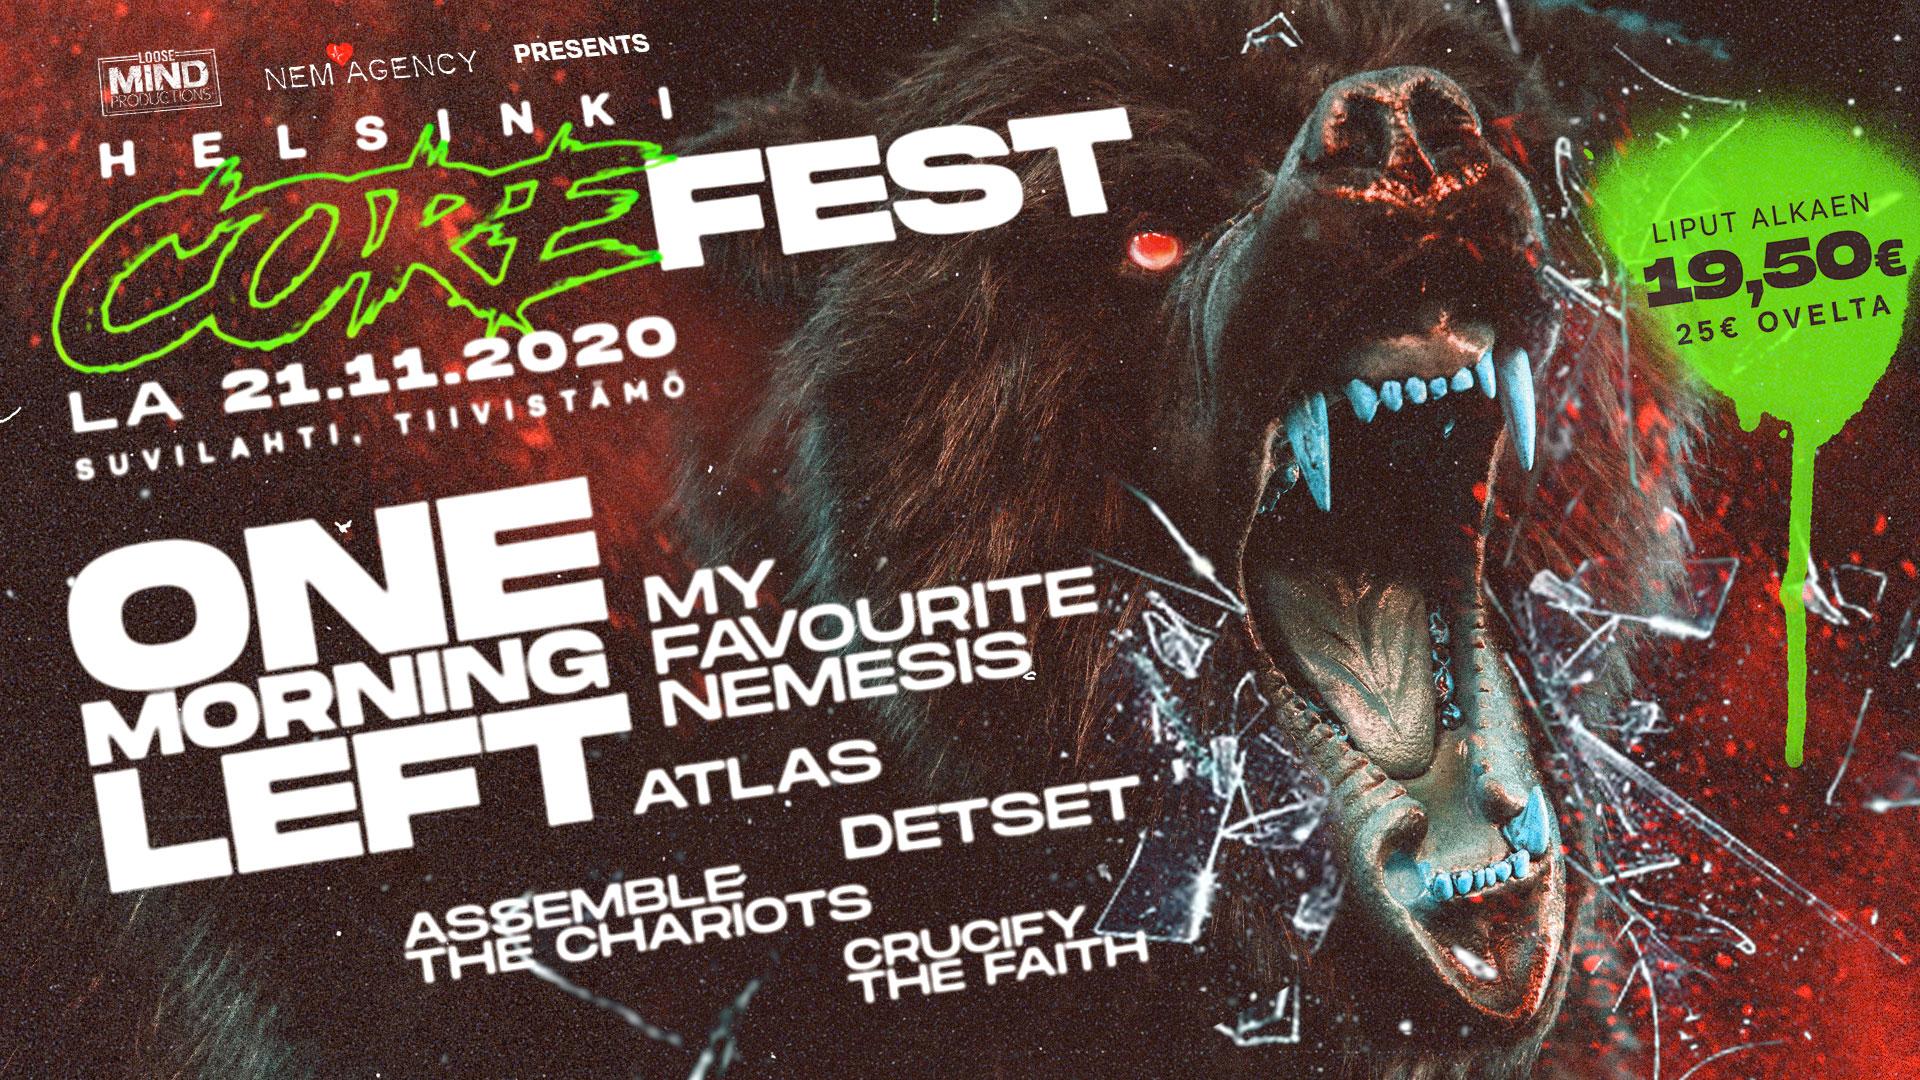 Linkki tapahtumaan Helsinki CoreFest